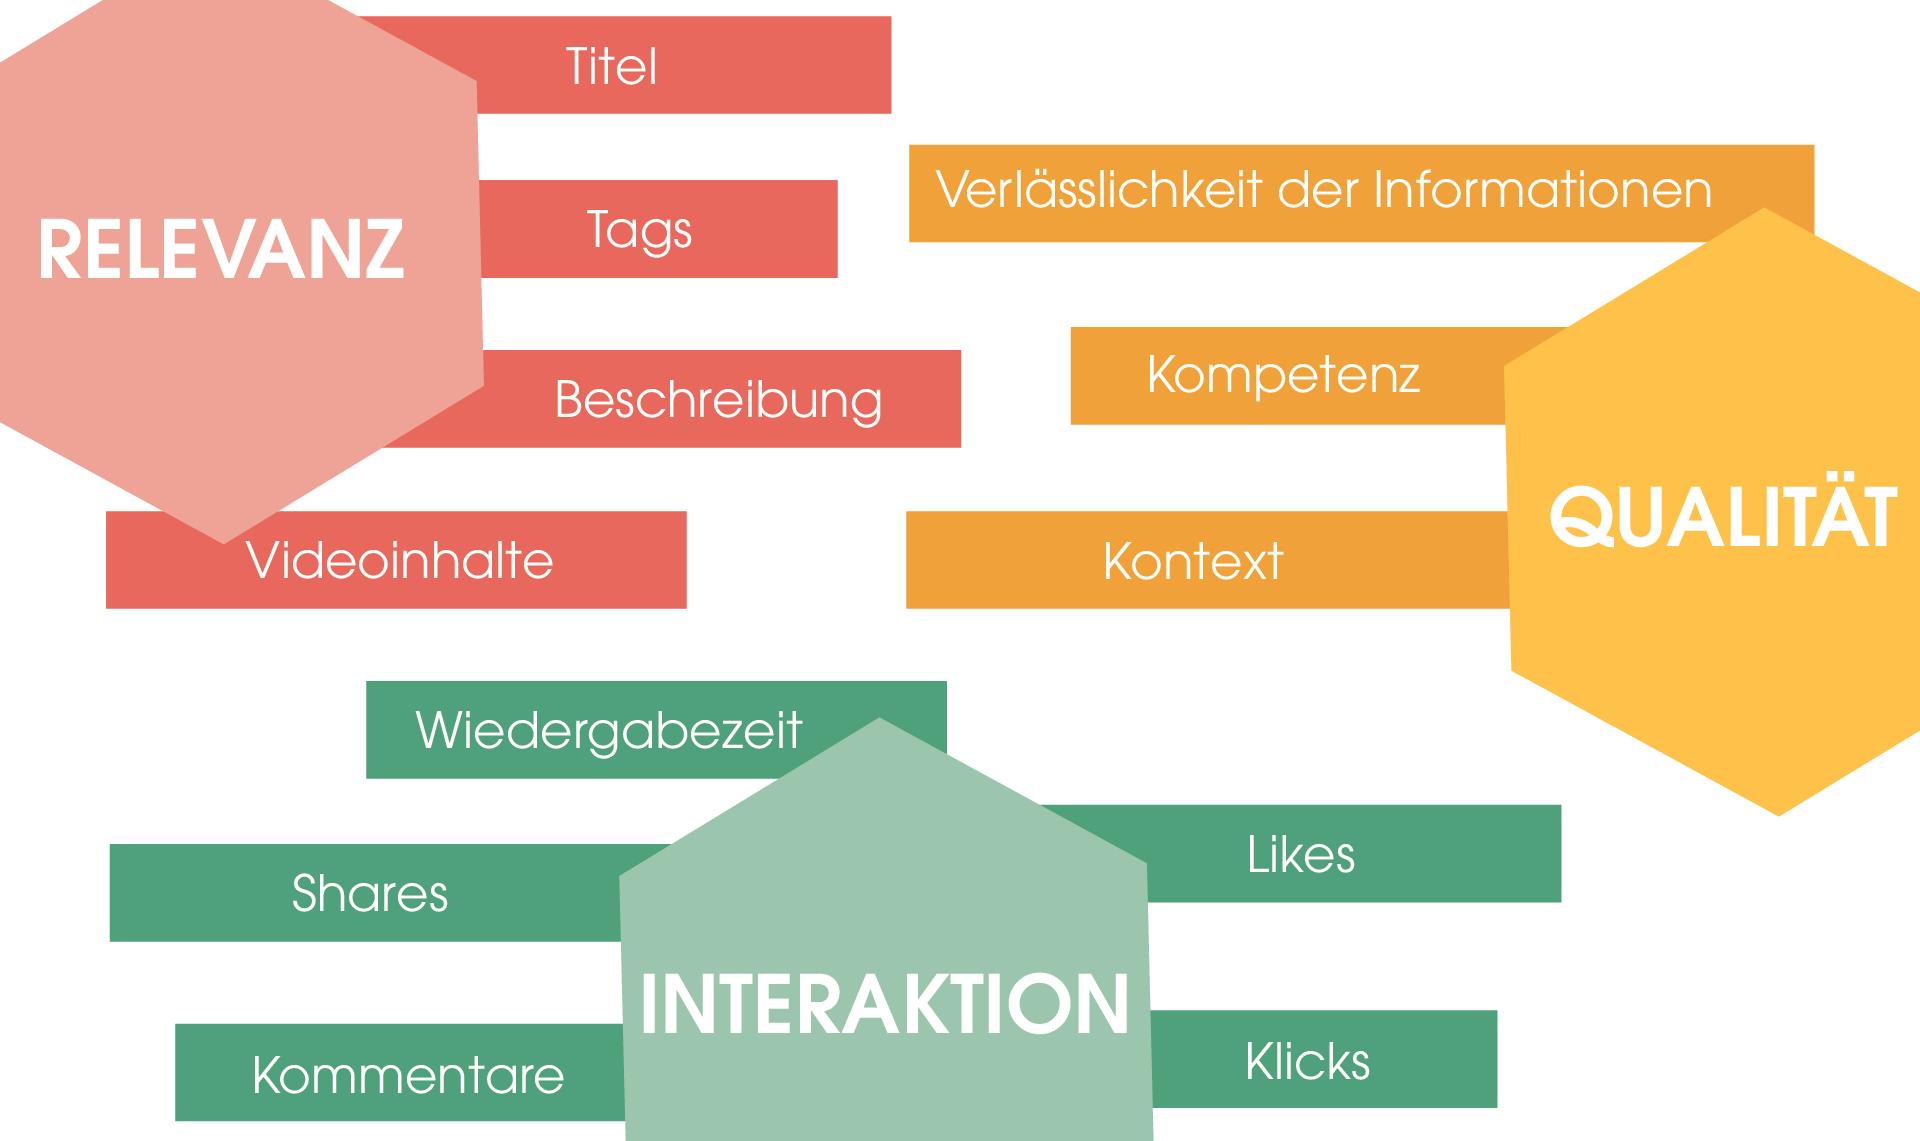 Dargestellt sind die drei großen Faktoren, die den YouTube Algorithmus beeinflussen: 1. Relevanz (rot dargestellt) 2. Interaktion (grün dargestellt)  3. Qualität (orange dargestellt)  Für jeden der einzelnen Faktoren werden verschiedene Unterfaktoren aufgeführt, die Einfluss nehmen.